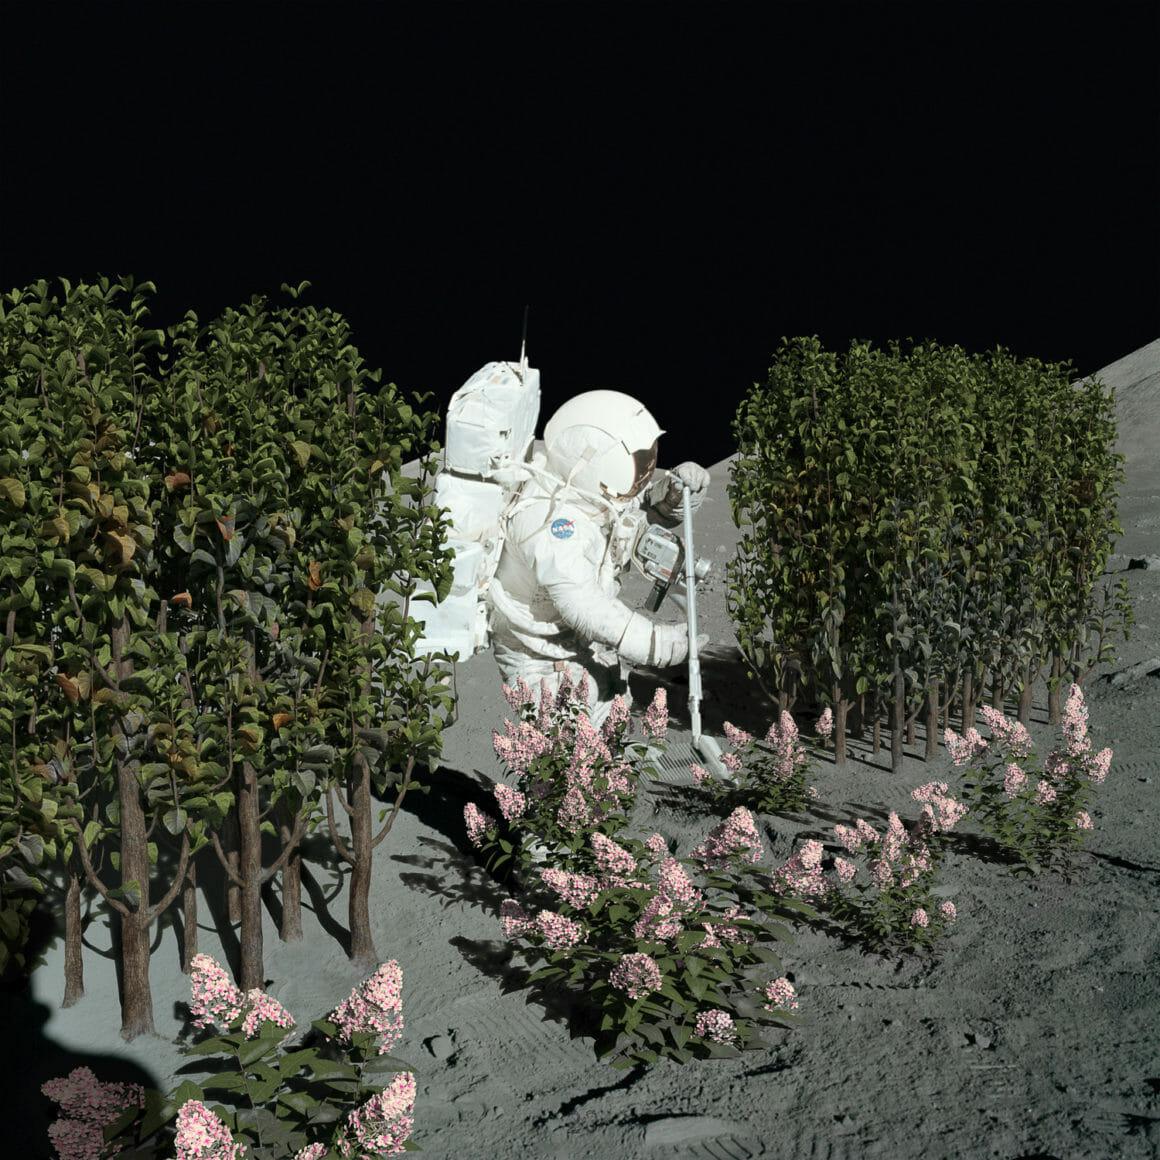 Astronaute qui fait du jardinage sur la lune